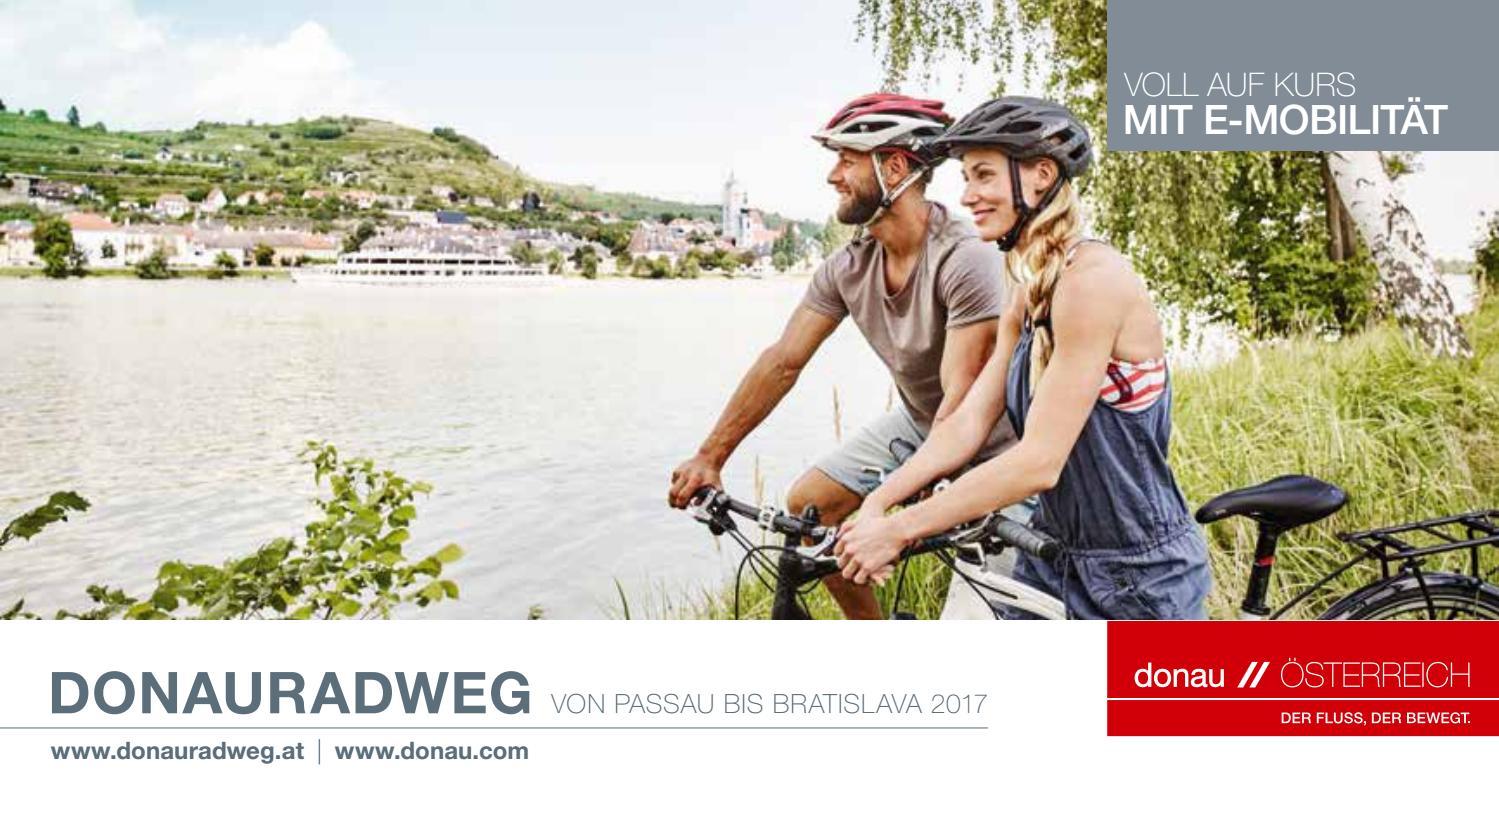 Donauradwegfolder 2017 by silvia ebner issuu